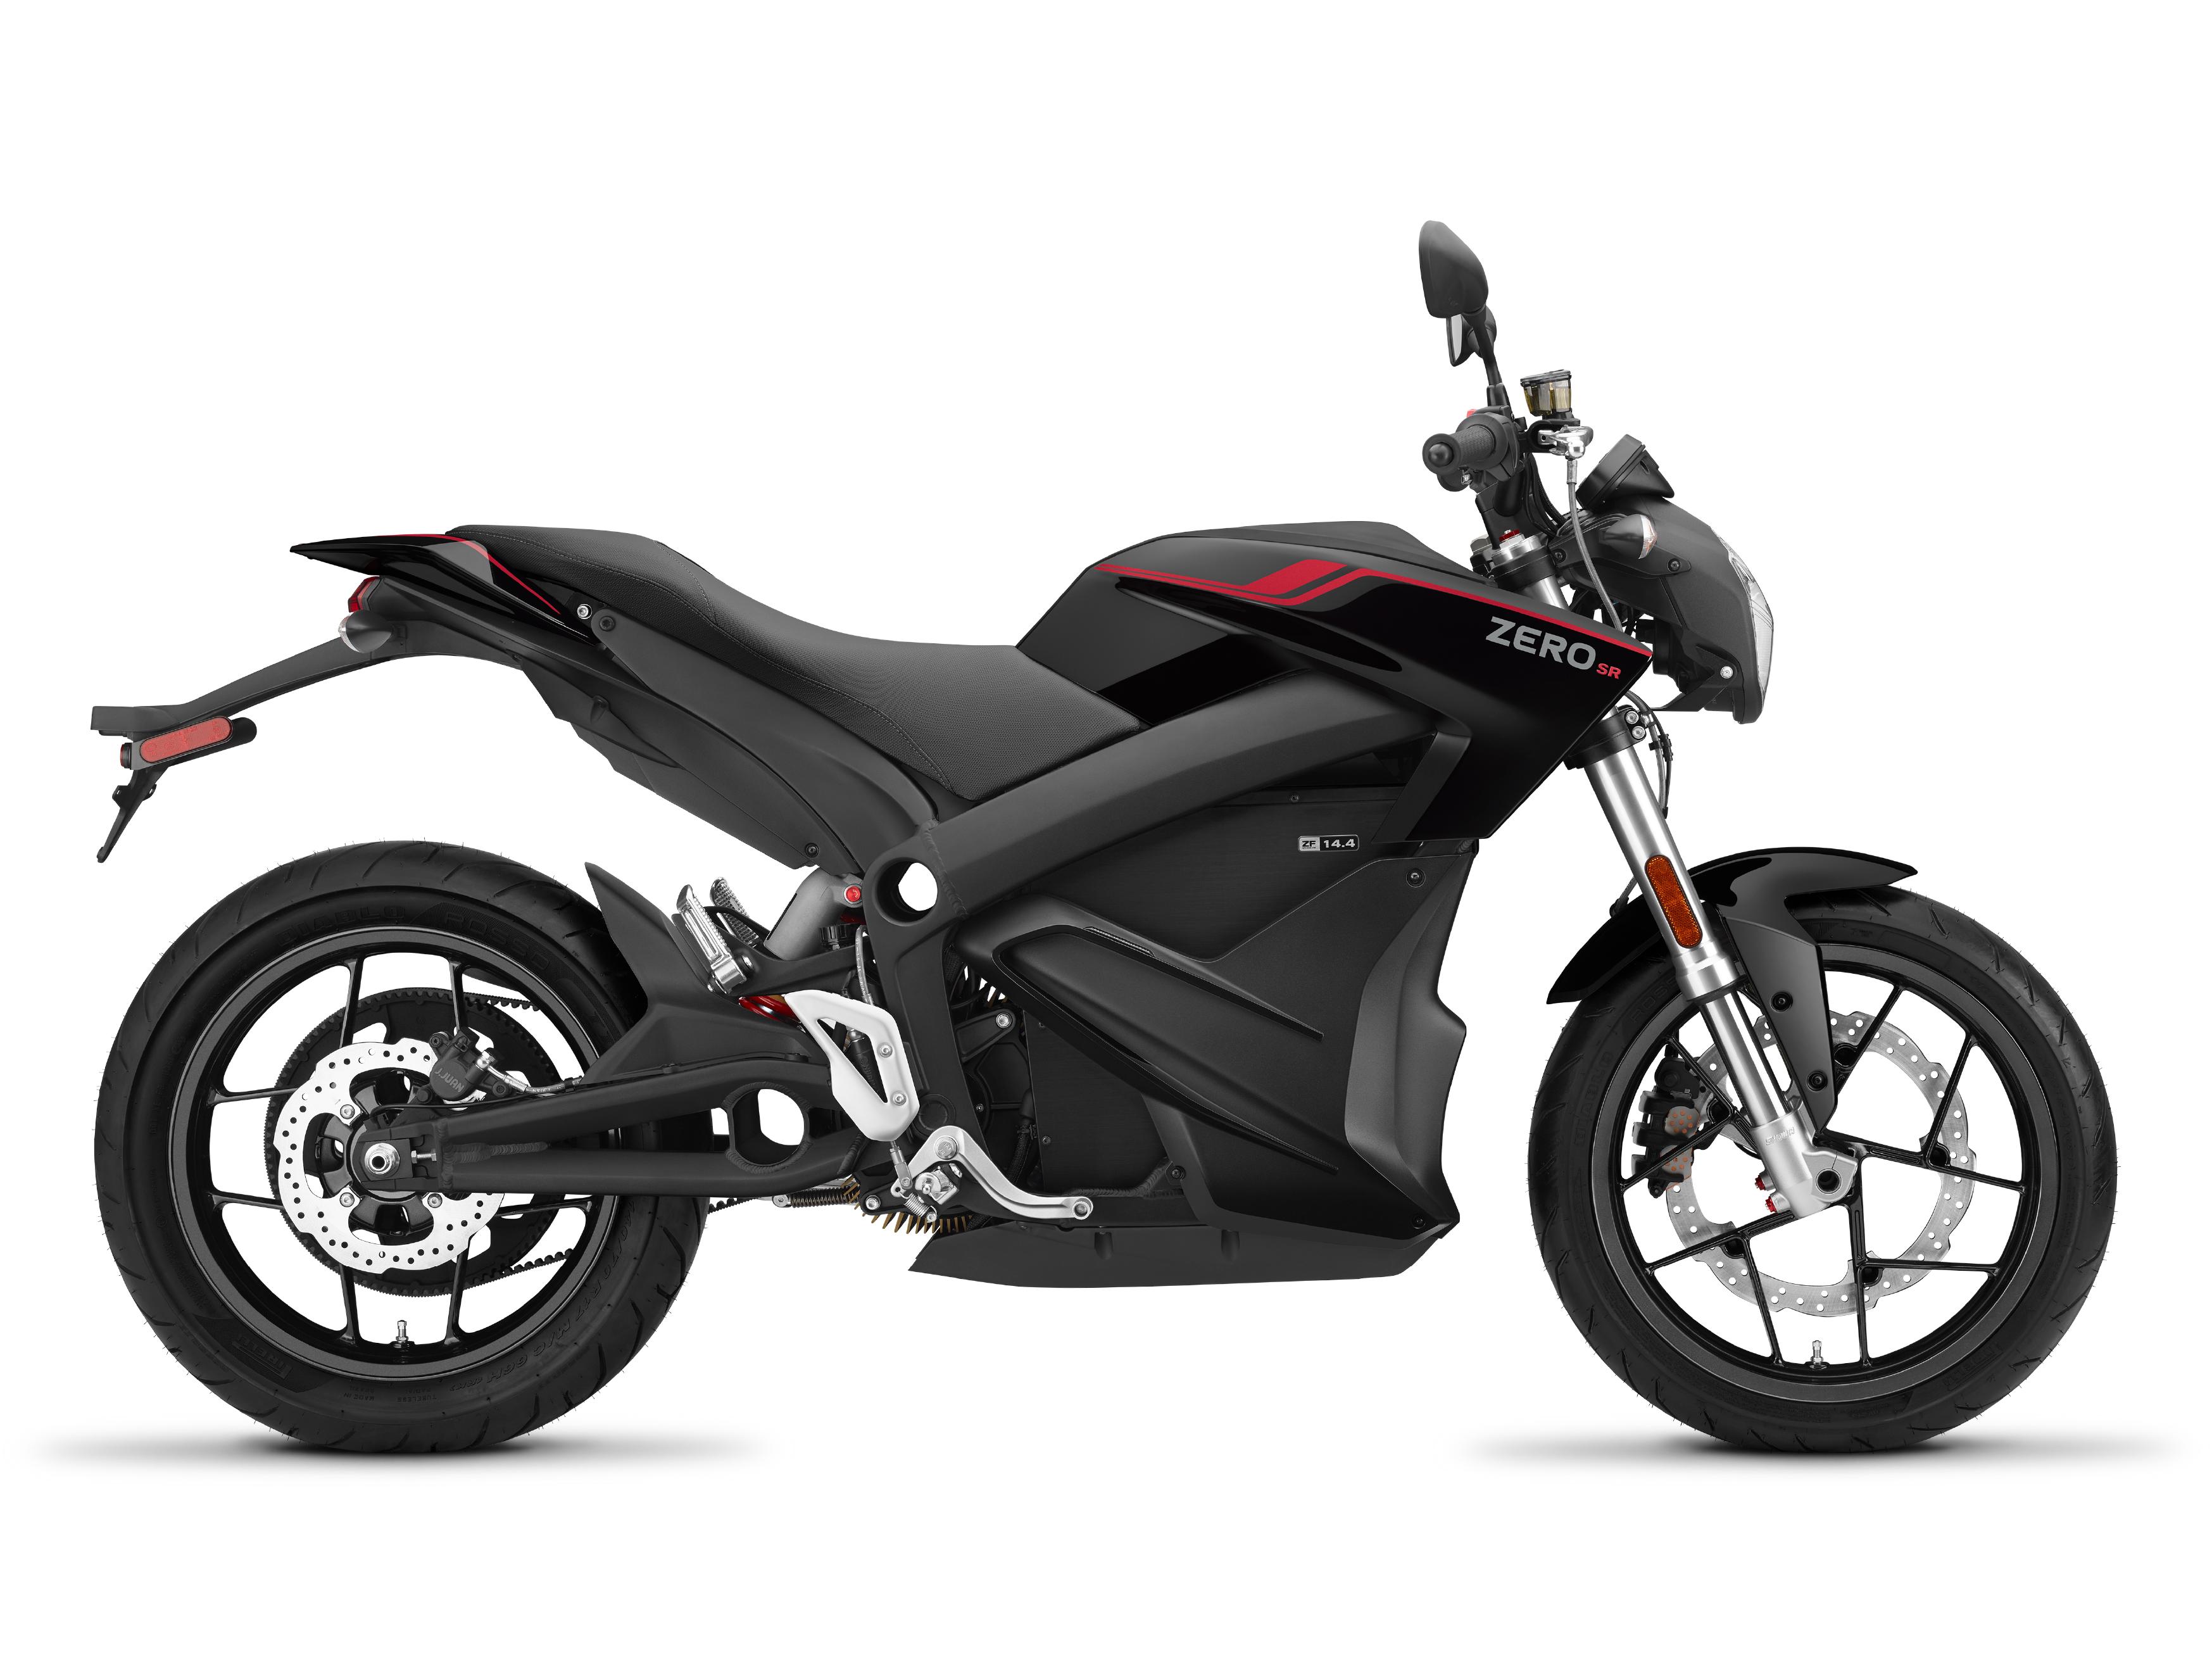 Zero SR e-motor